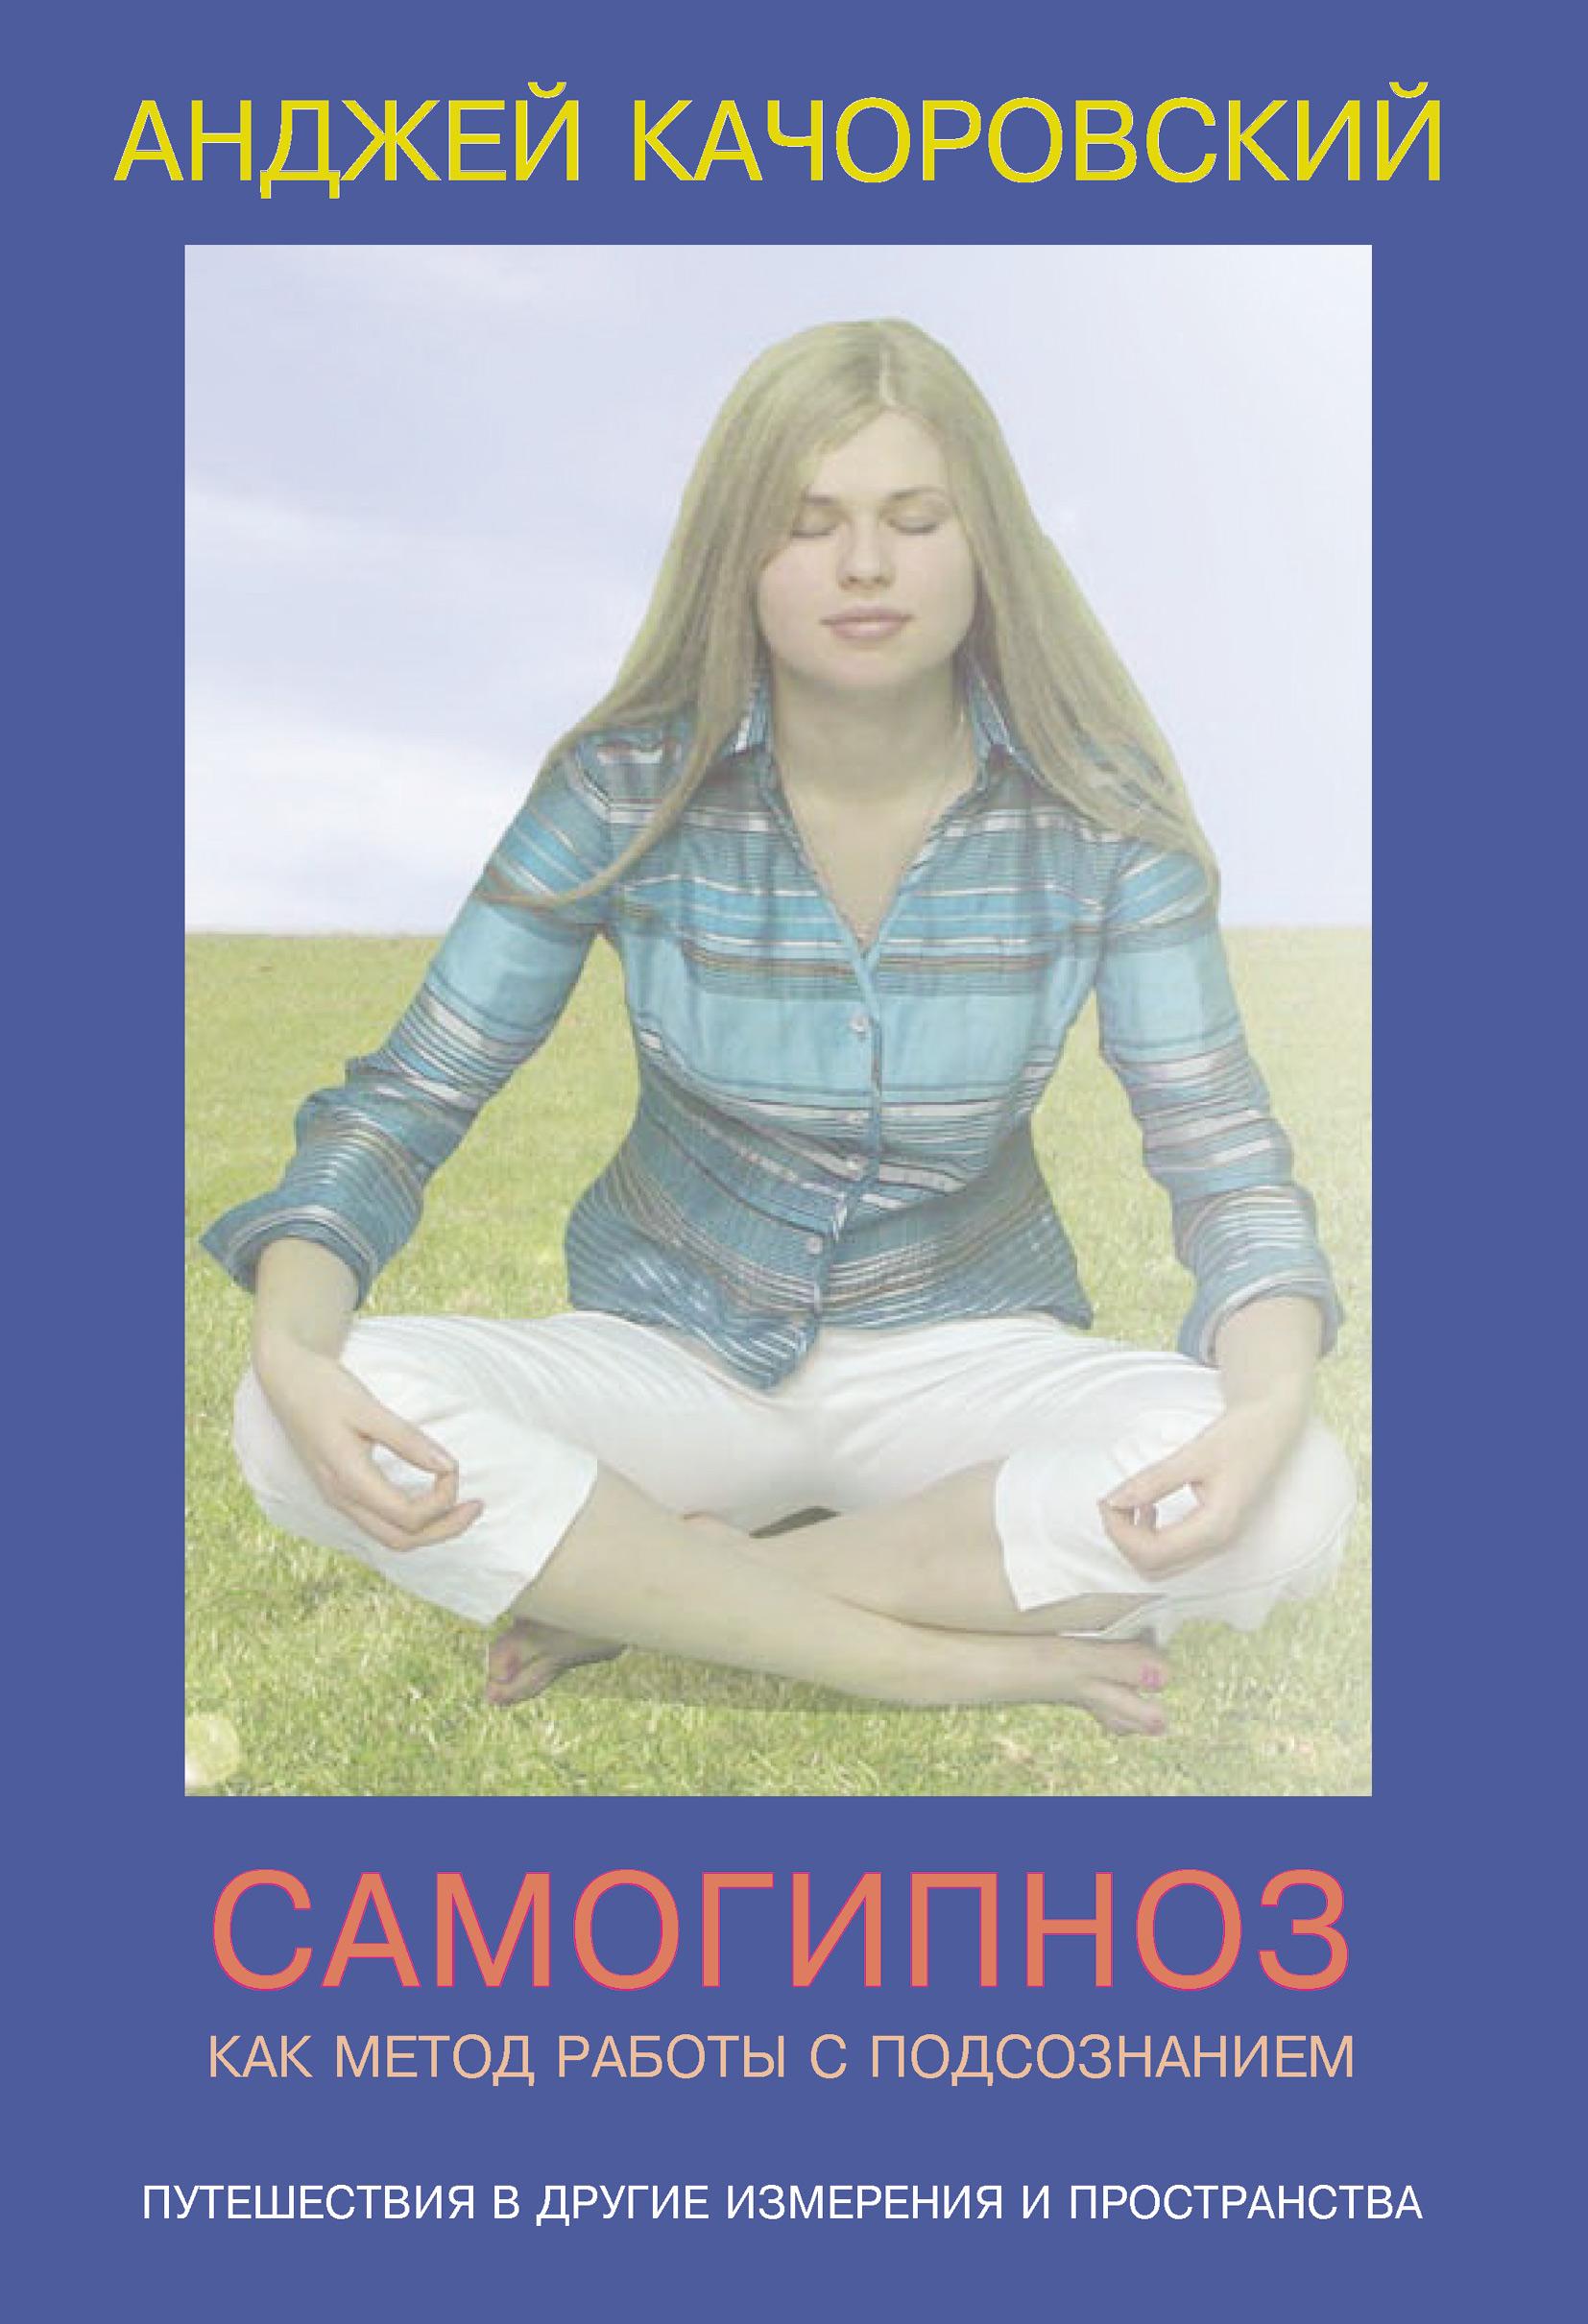 Анджей Kaчоровский Самогипноз как метод работы с подсознанием цена